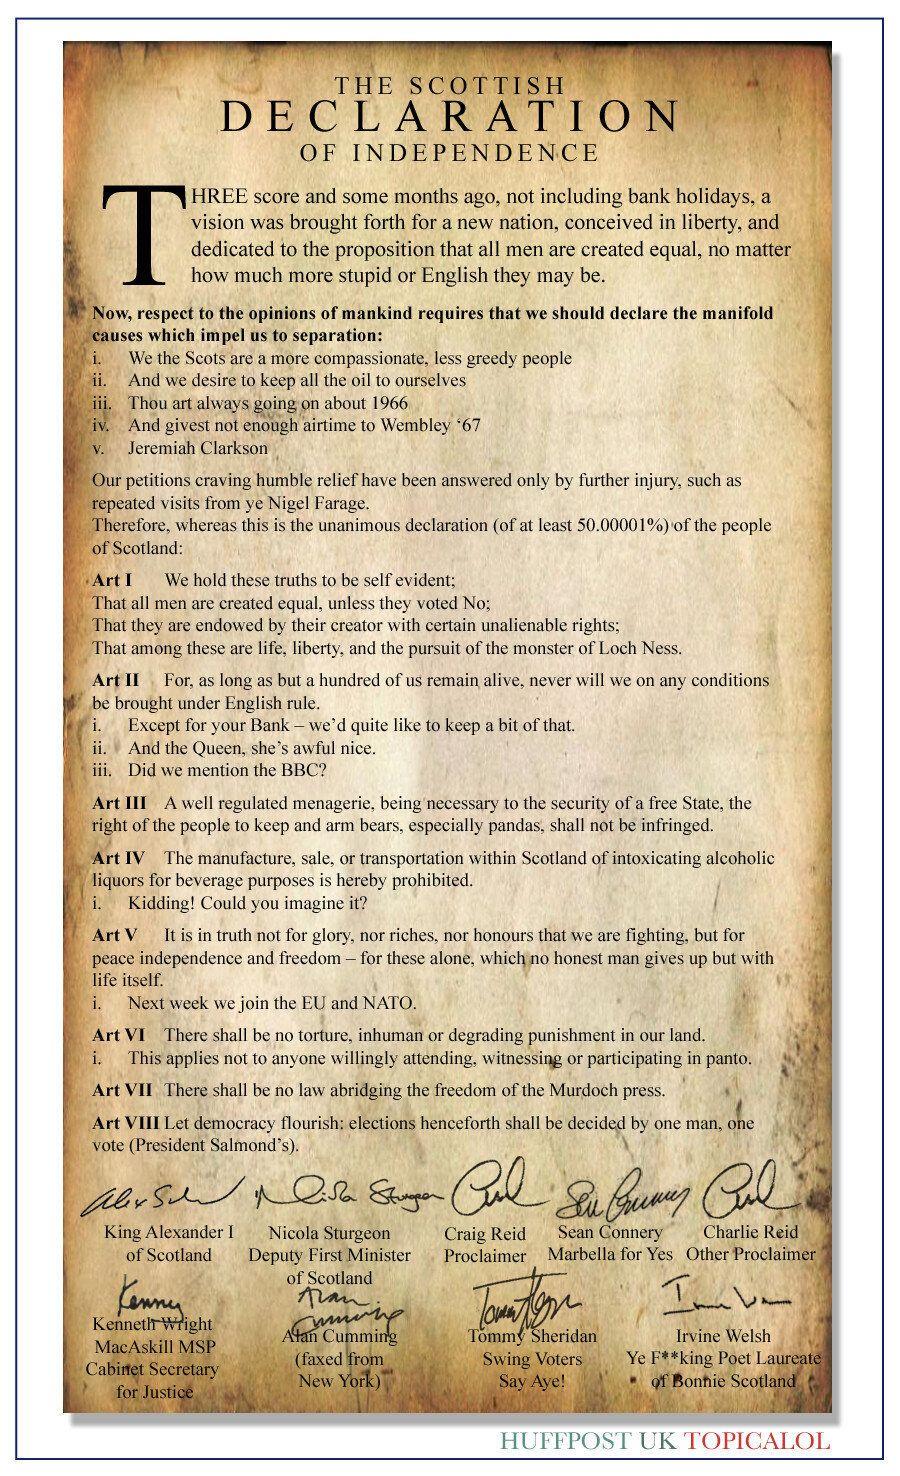 REVEALED: The Scottish Declaration Of